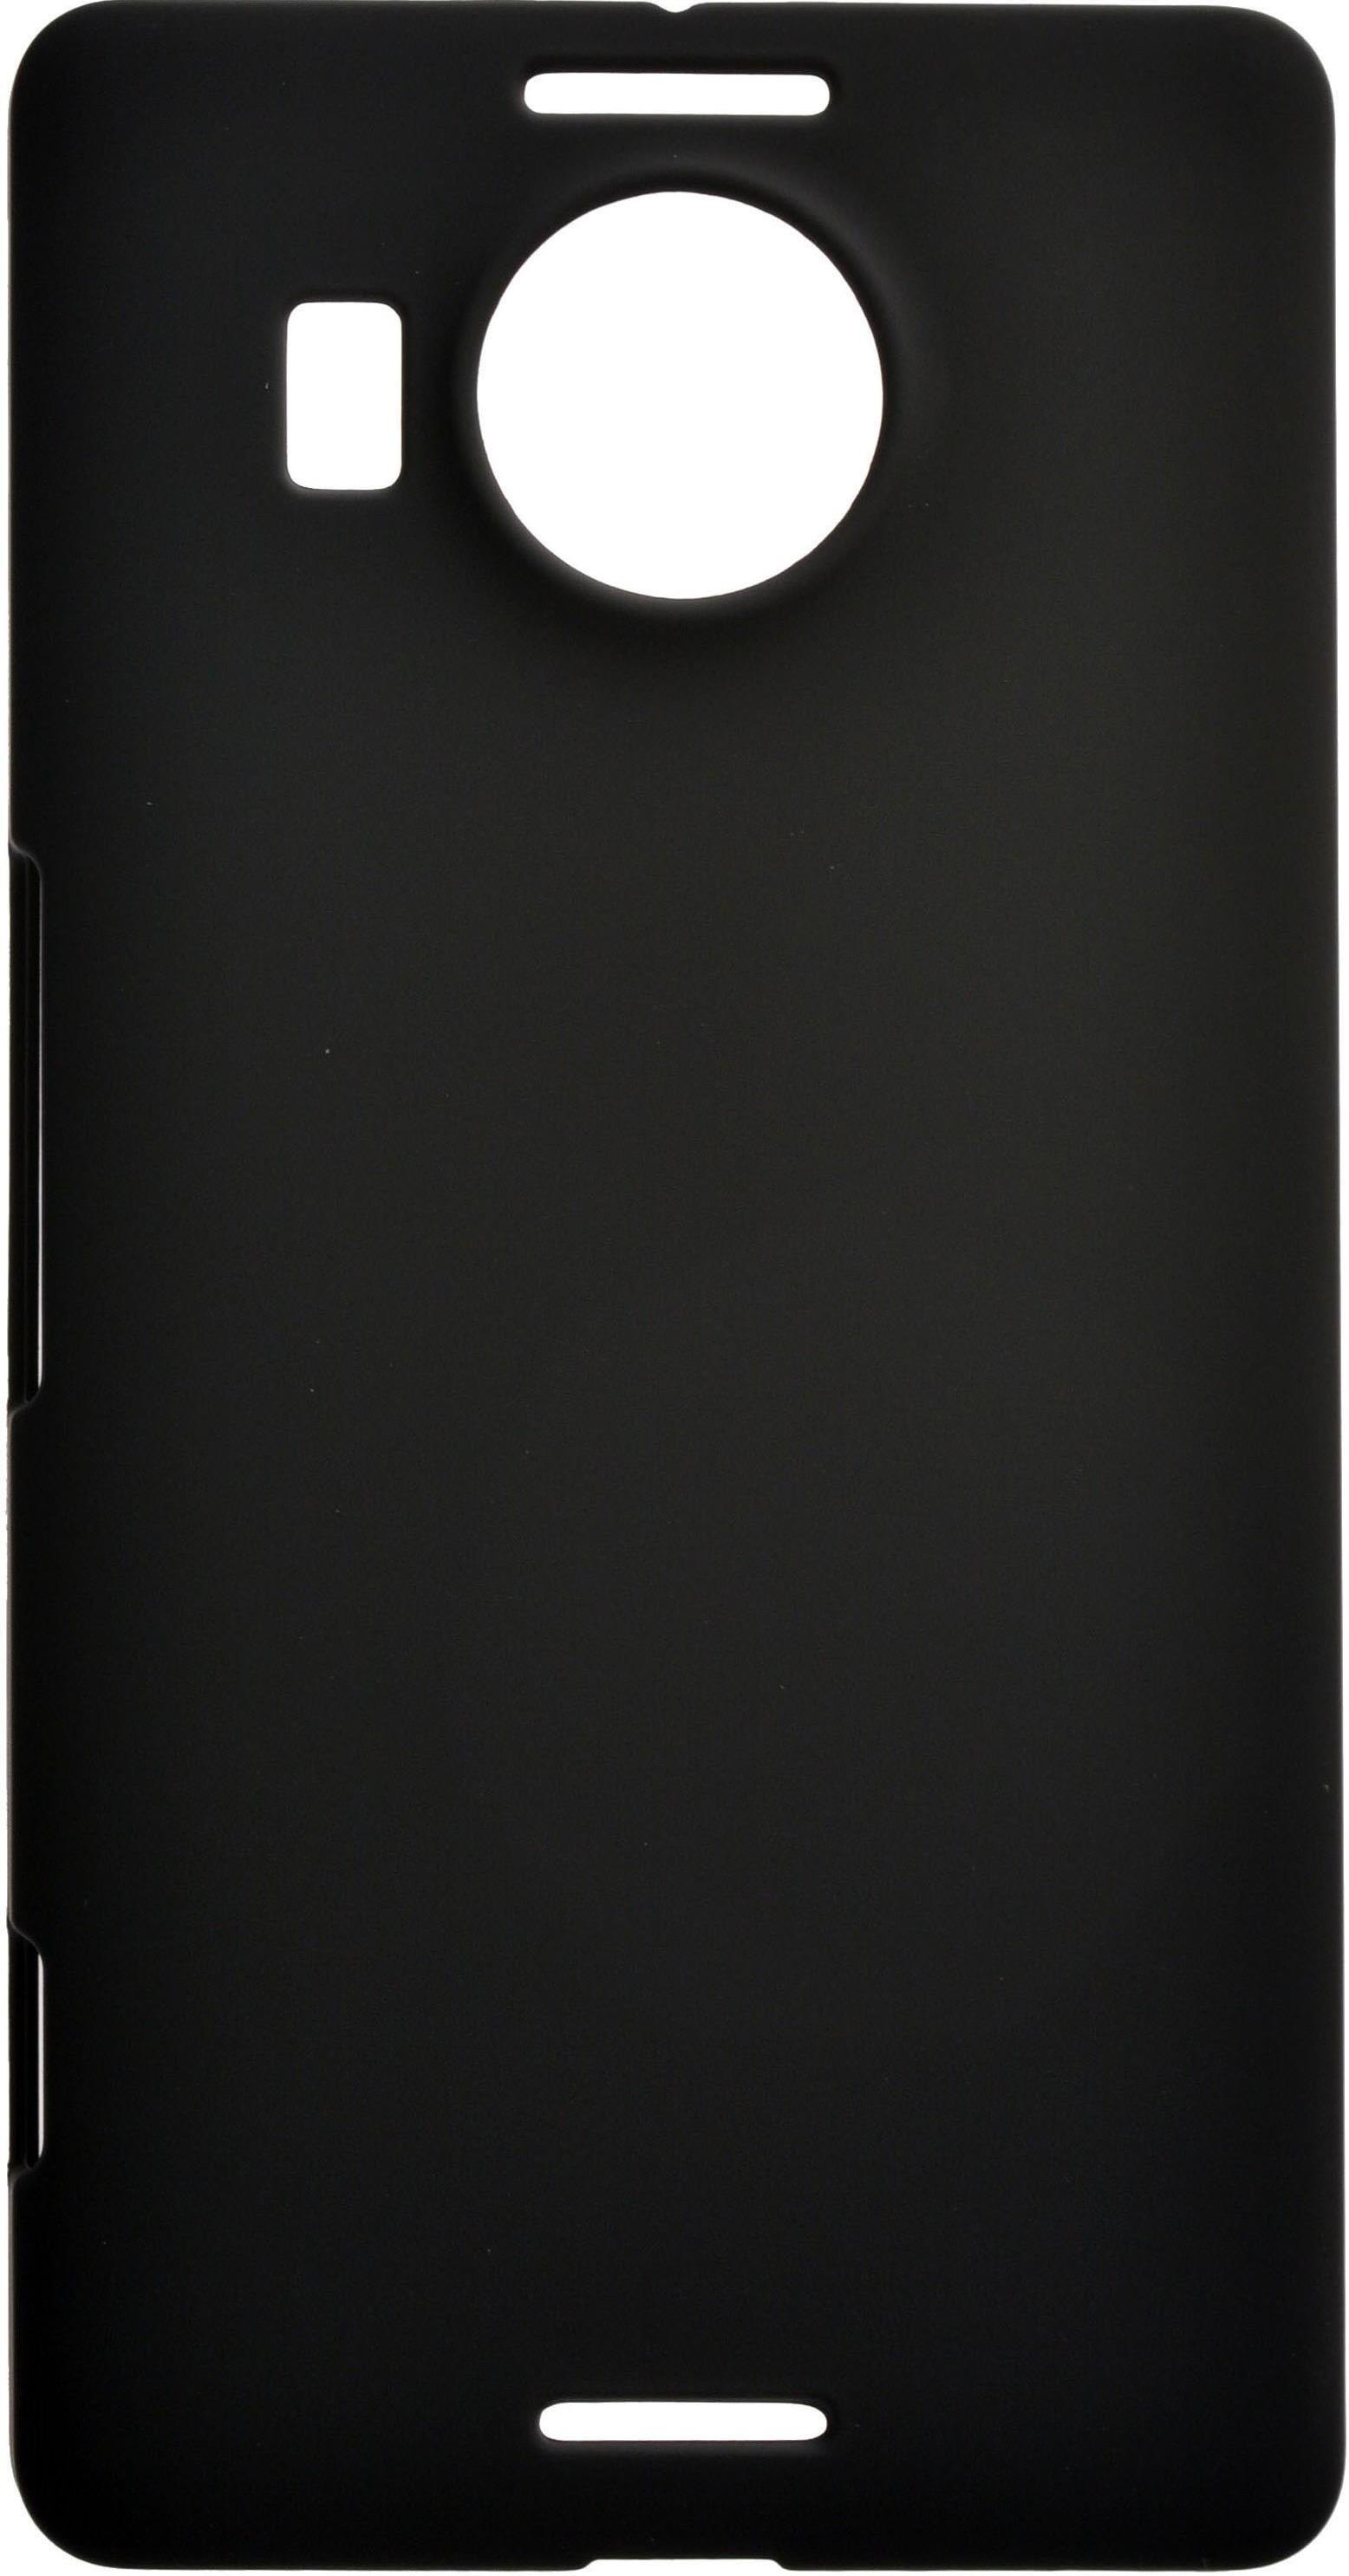 Чехол для сотового телефона skinBOX 4People, 4630042525030, черный чехол skinbox htc 10 lifestyle